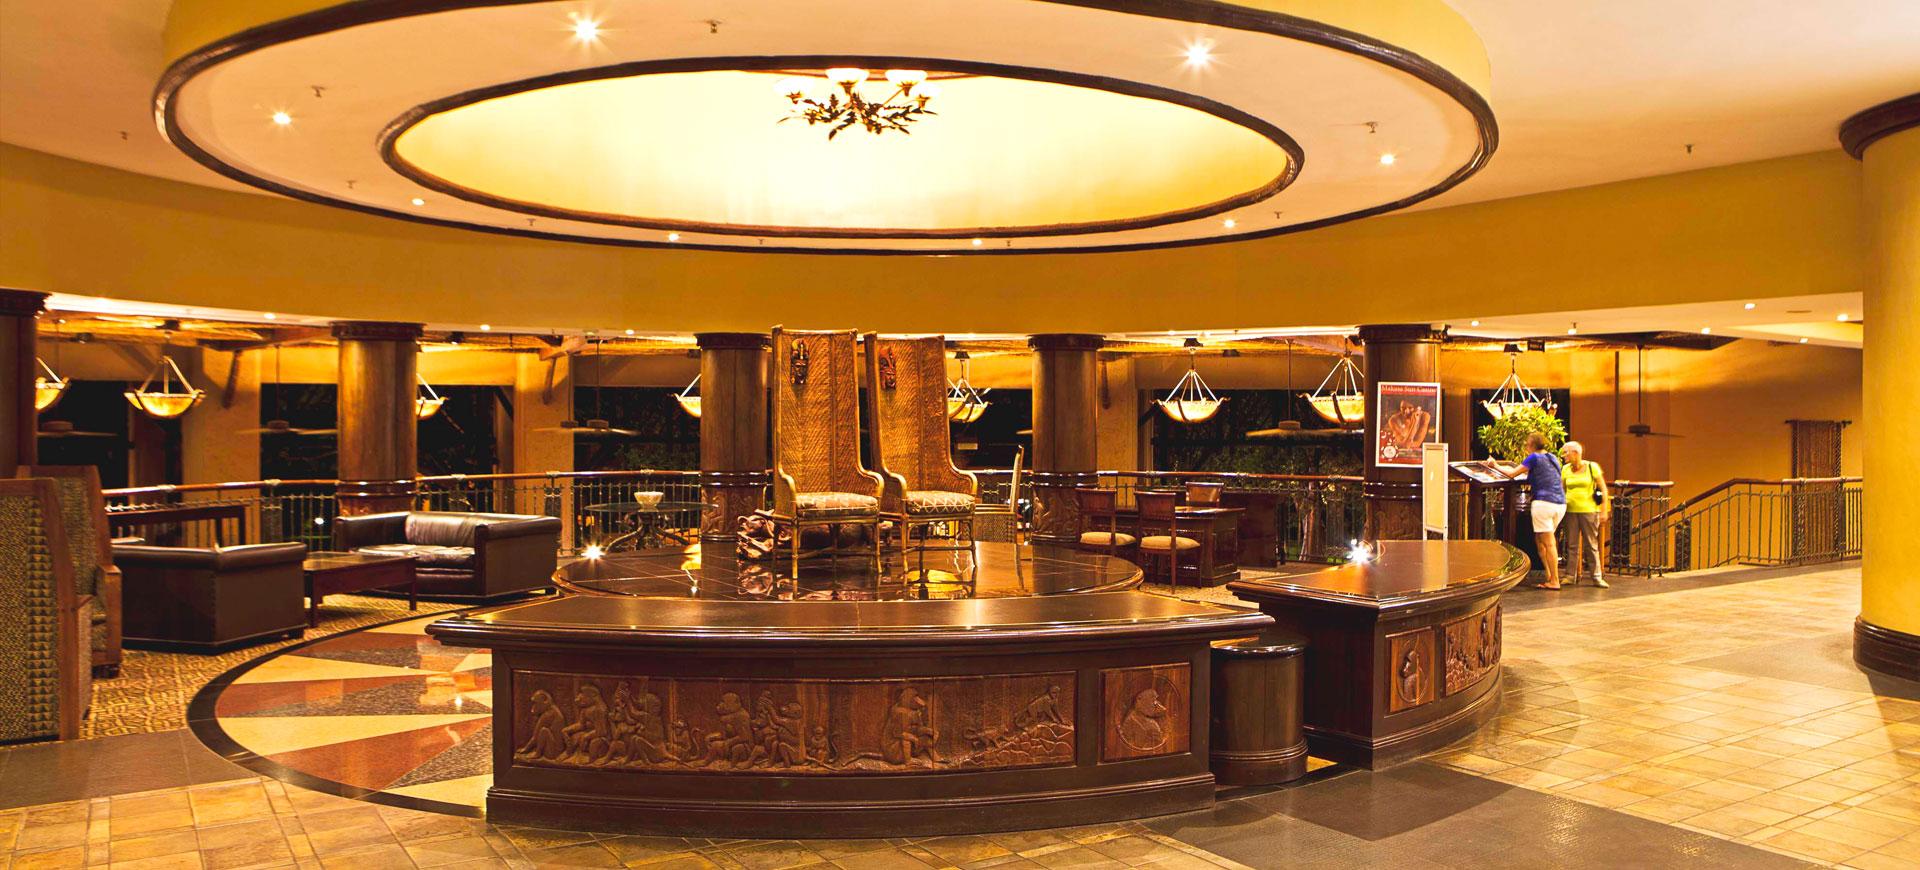 Victoria Falls Conference Kingdom Hotel